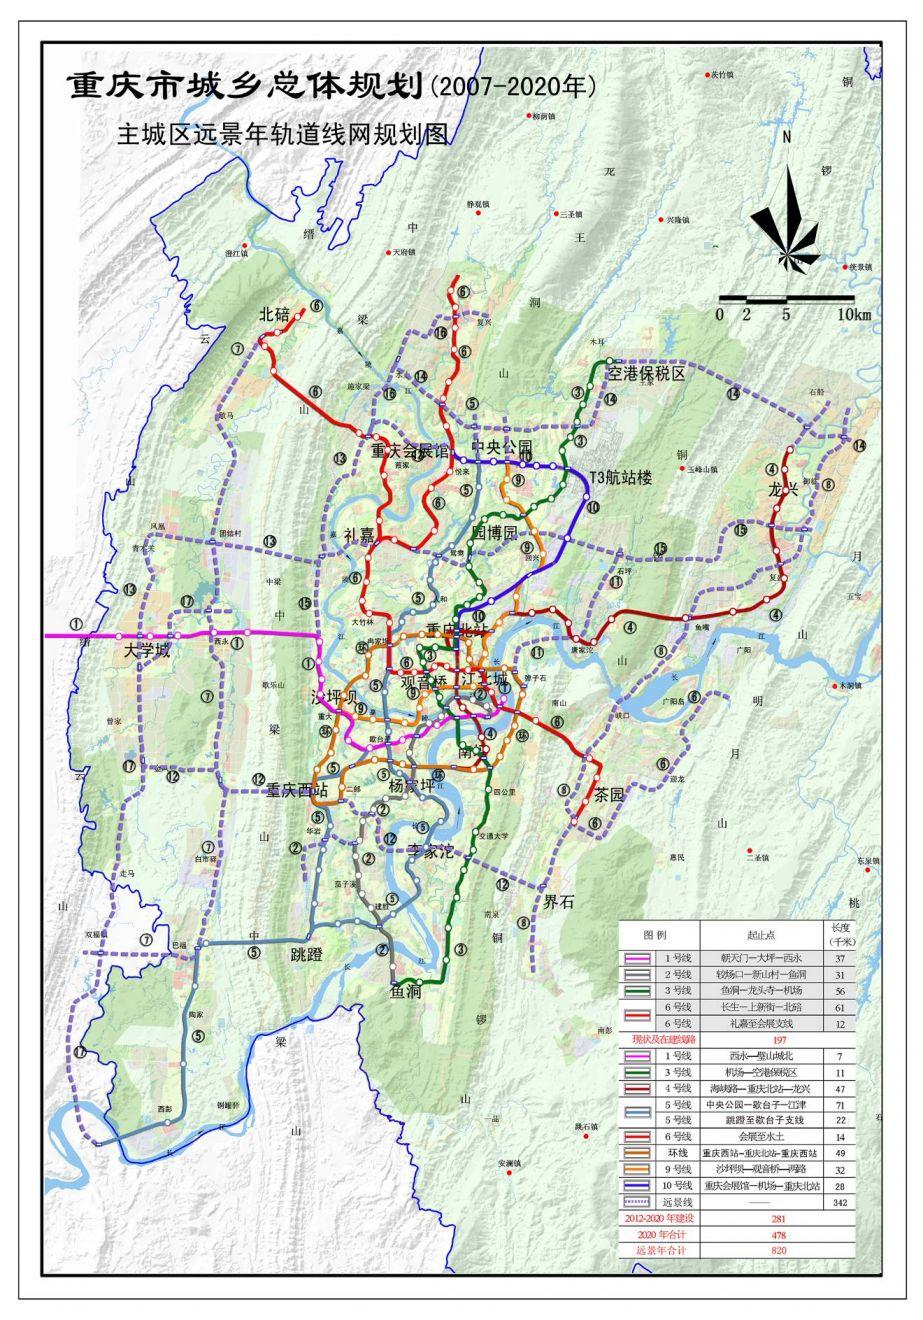 重庆交通 重庆地铁 重庆轻轨16号线 > 重庆轻轨16号线线路图    重庆图片